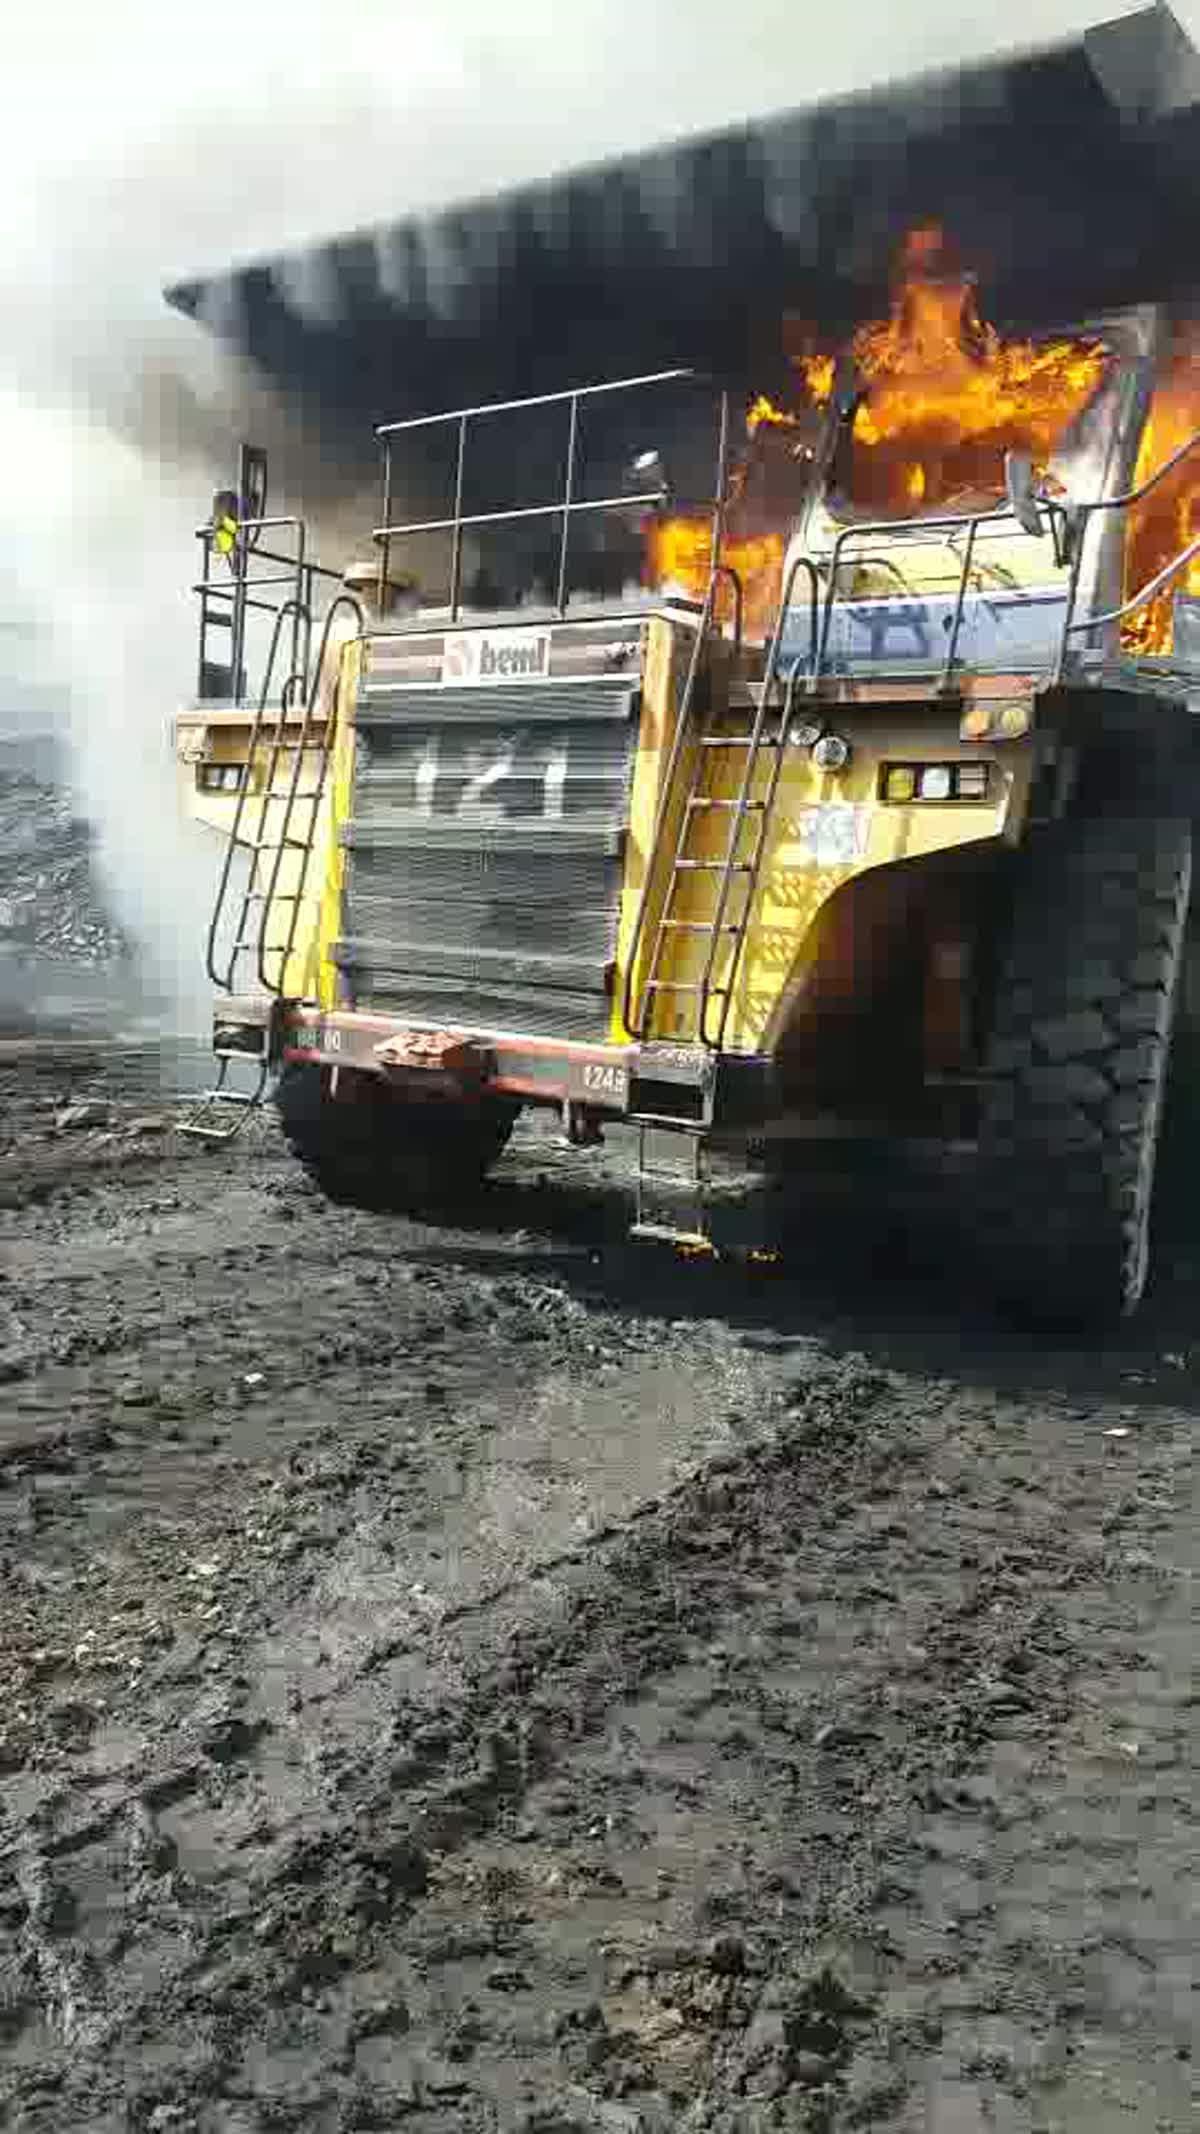 ไฟไหม้รถยักษ์ในเหมืองลิกไนต์ กฟผ.แม่เมาะ คนขับกระโดดหนีตาย